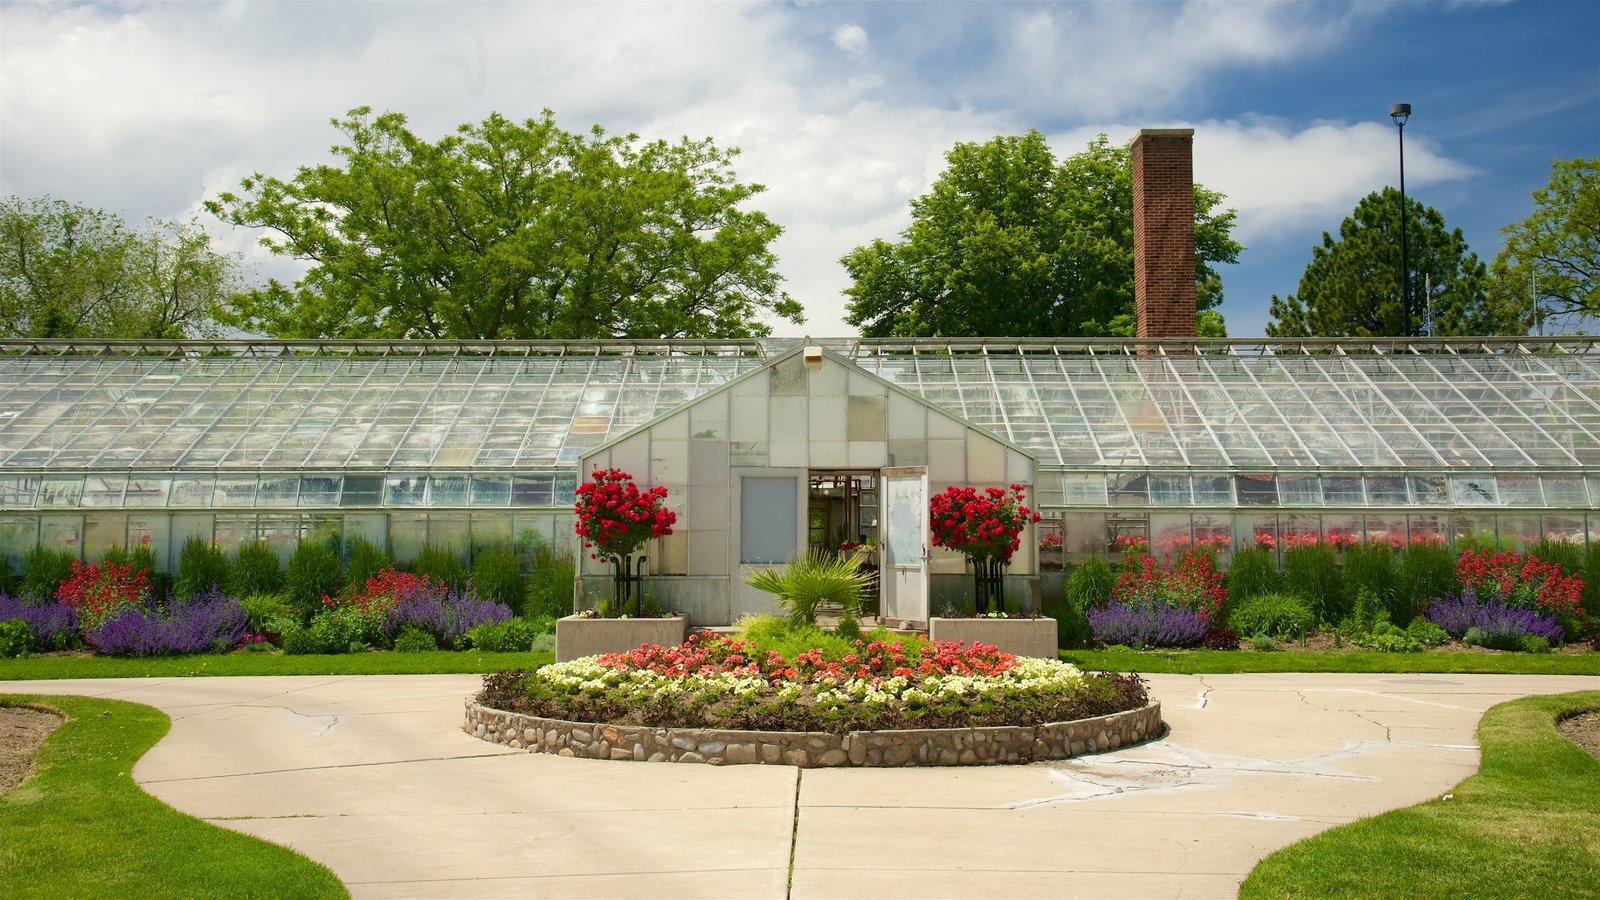 Parque Liberty mostrando arquitectura moderna y flores